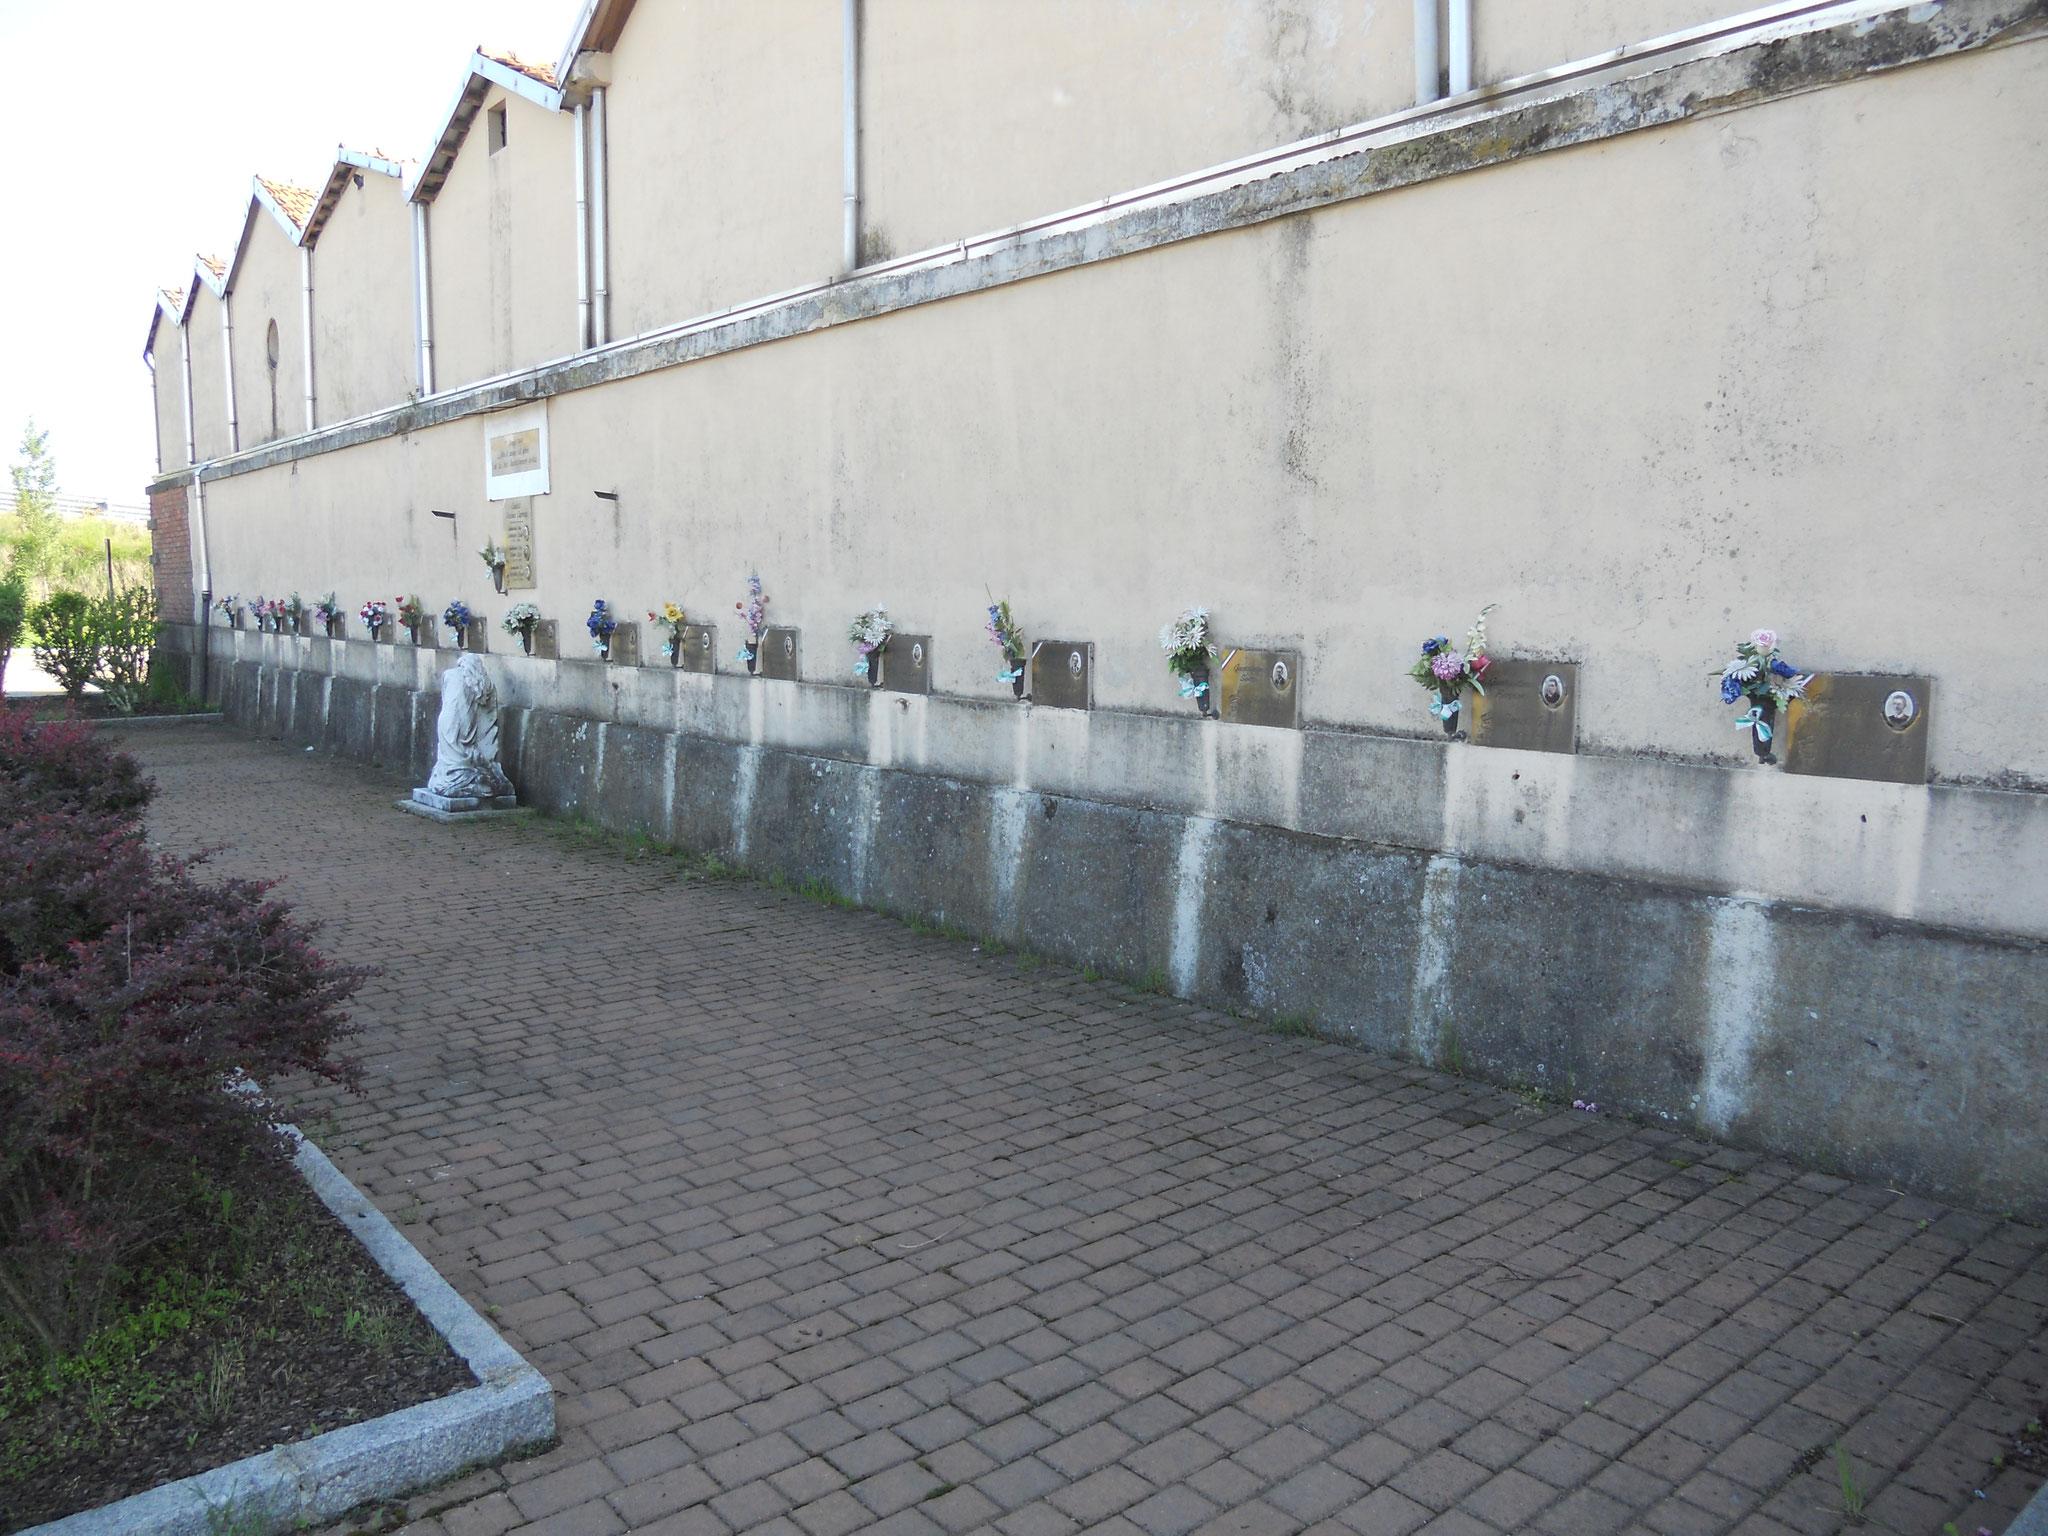 Il muro esterno del cimitero di Mottalciata, dove avvenne la fucilazione dei diciassette partigiani